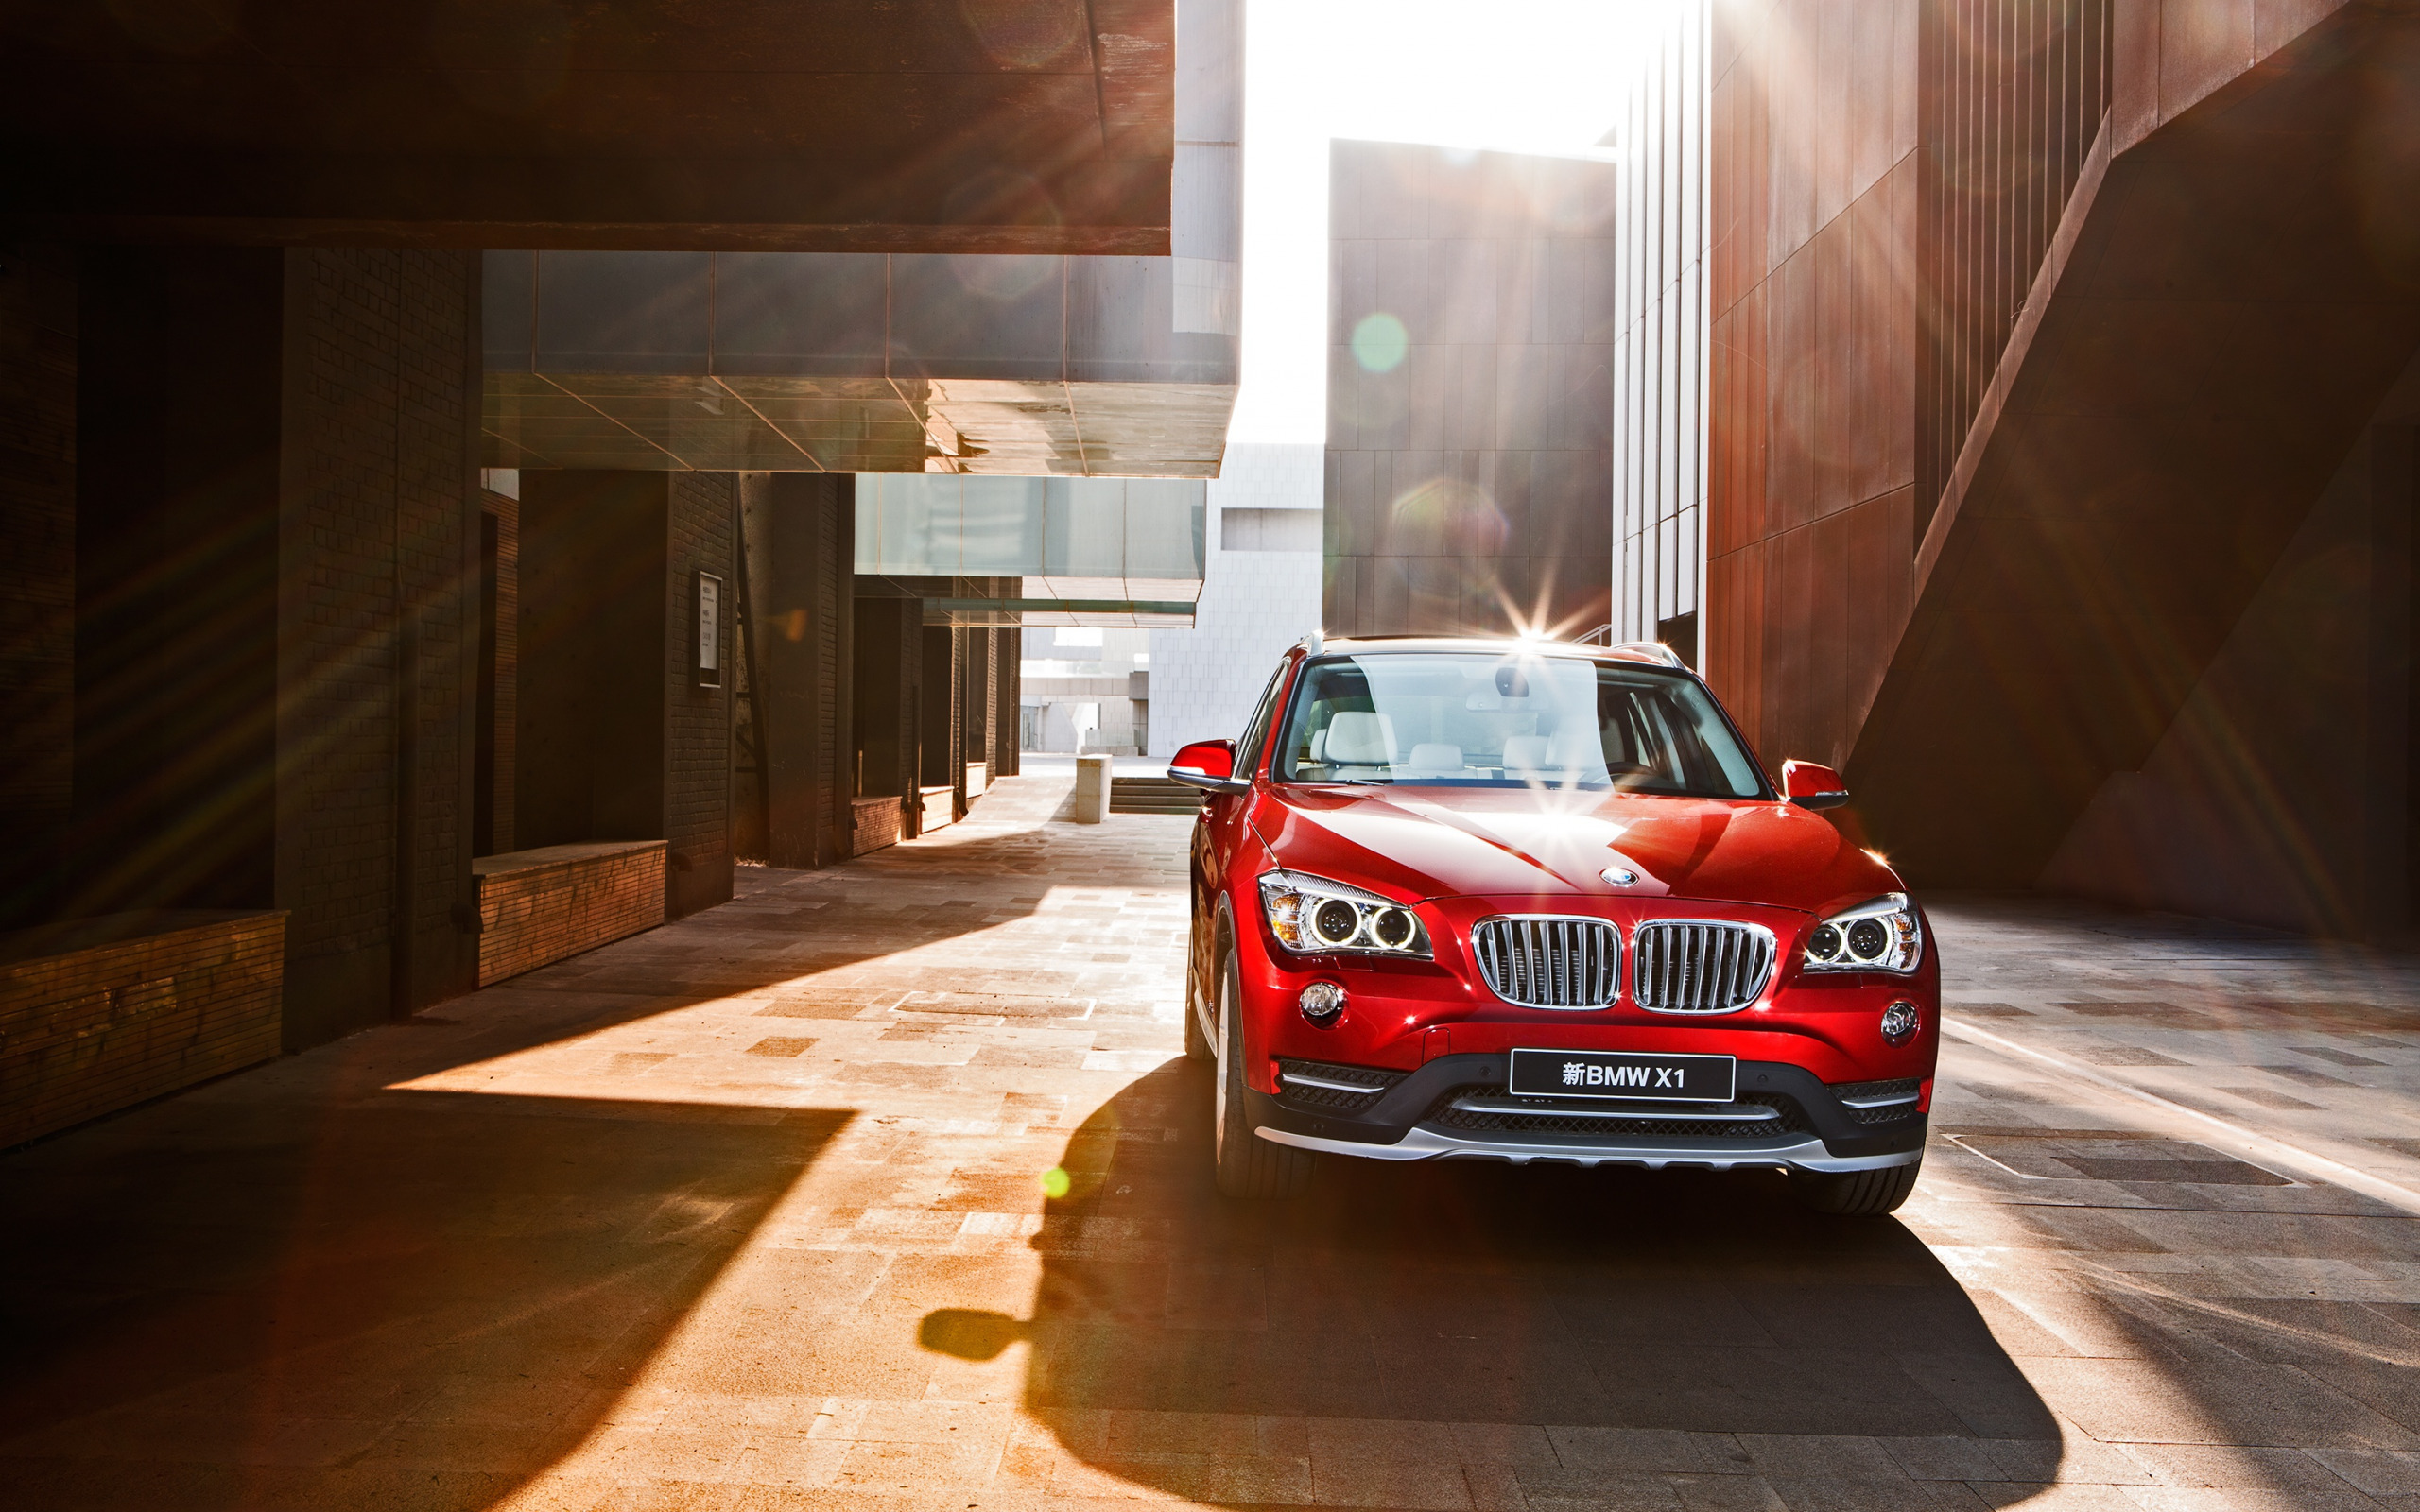 Картинка: BMW, X1, яркий, красный, солнечные лучи, здания